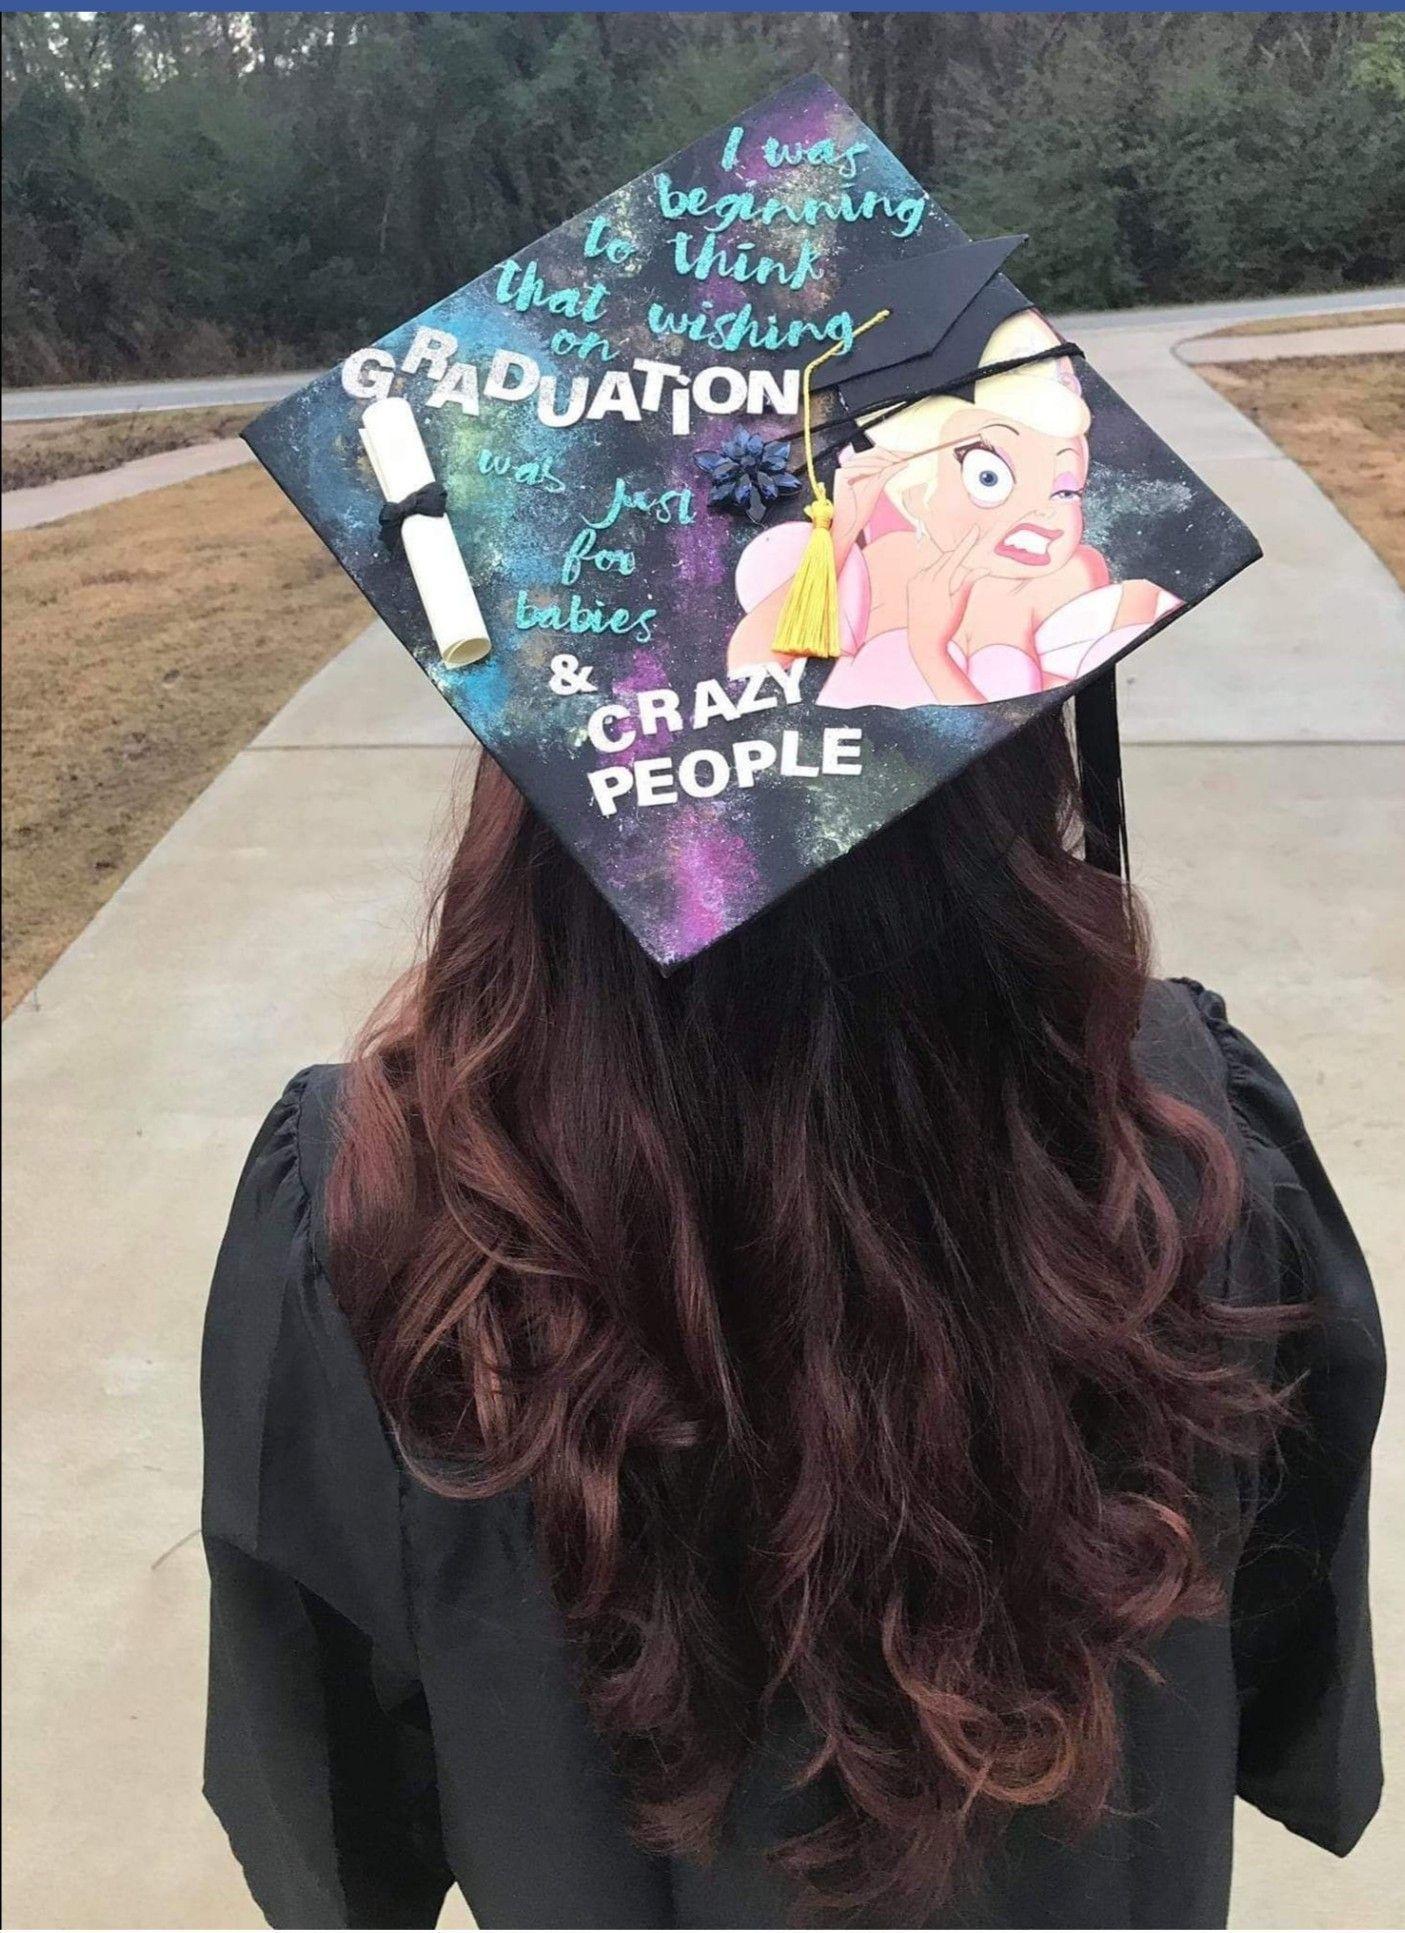 Disney Graduation Cap Graduationcapdesigns Disney Graduation Cap Disney Graduation Cap Disney Graduation Graduation Cap Decoration